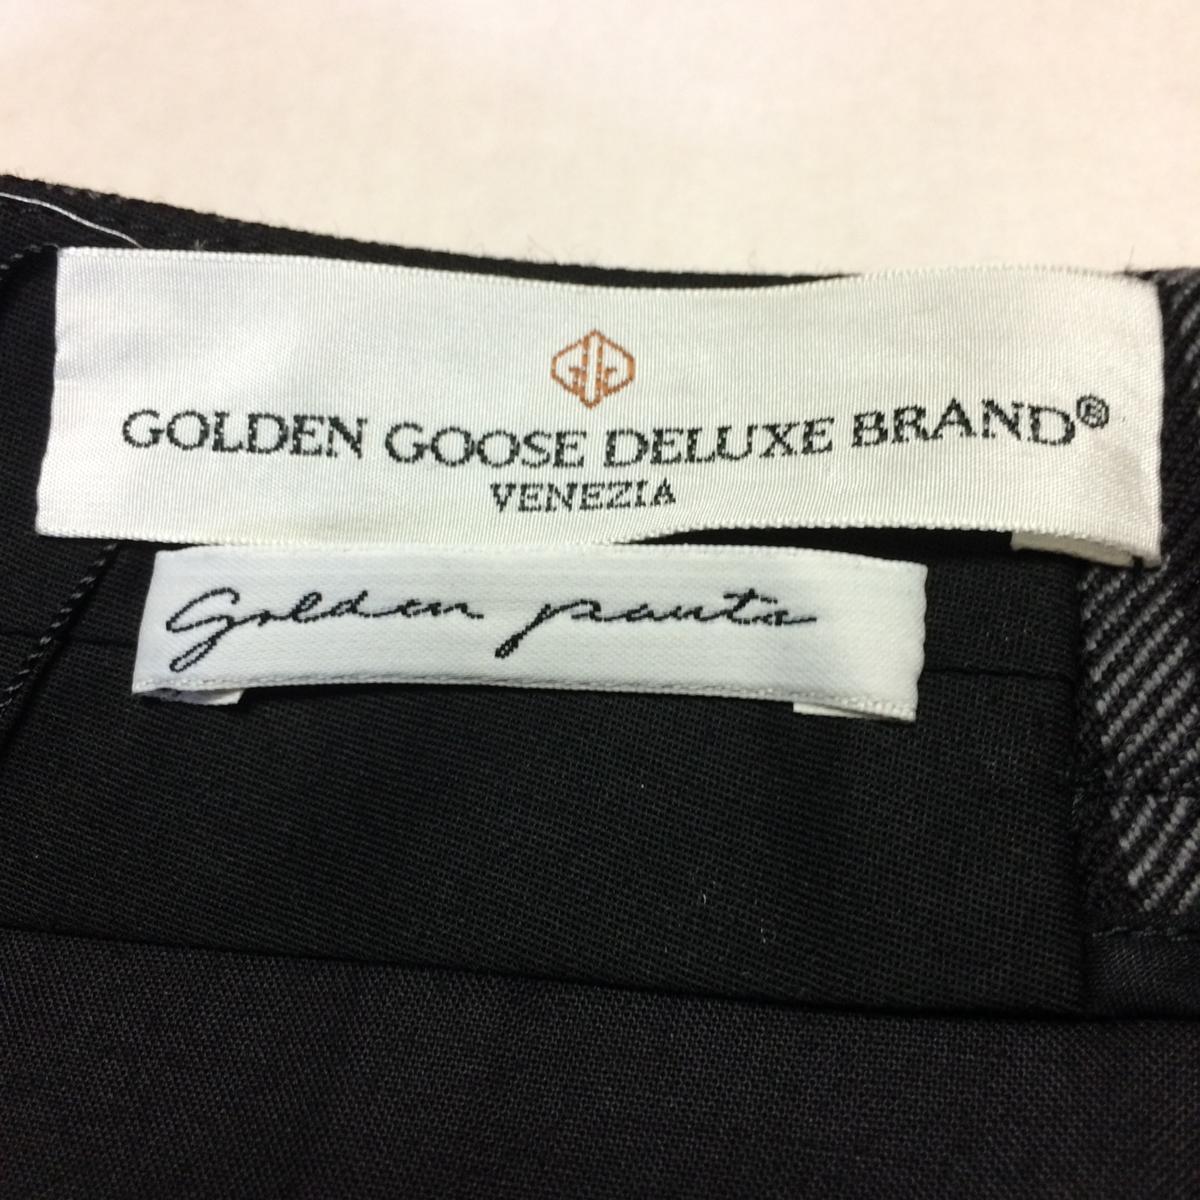 【新品】ゴールデングースデラックスブランド(GOLDEN GOOSE DELUXE BRAND) パンツ XS グレーチェック/01625_画像8